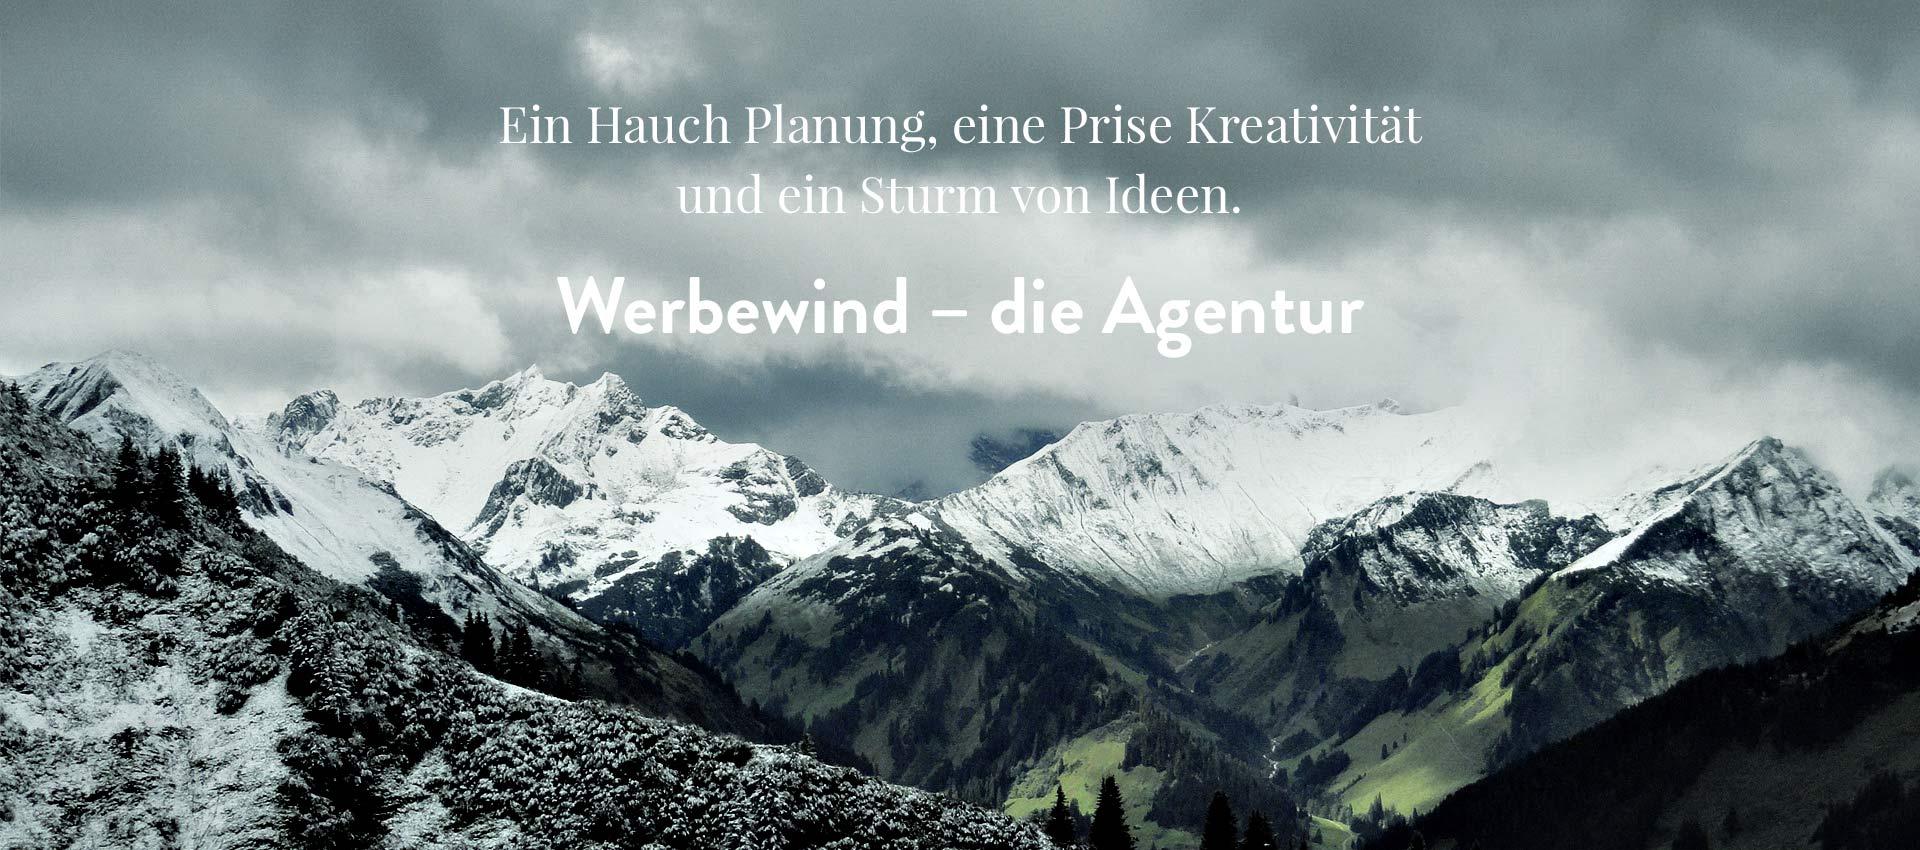 Ihre Werbeagentur im <strong>Allgäu</strong>